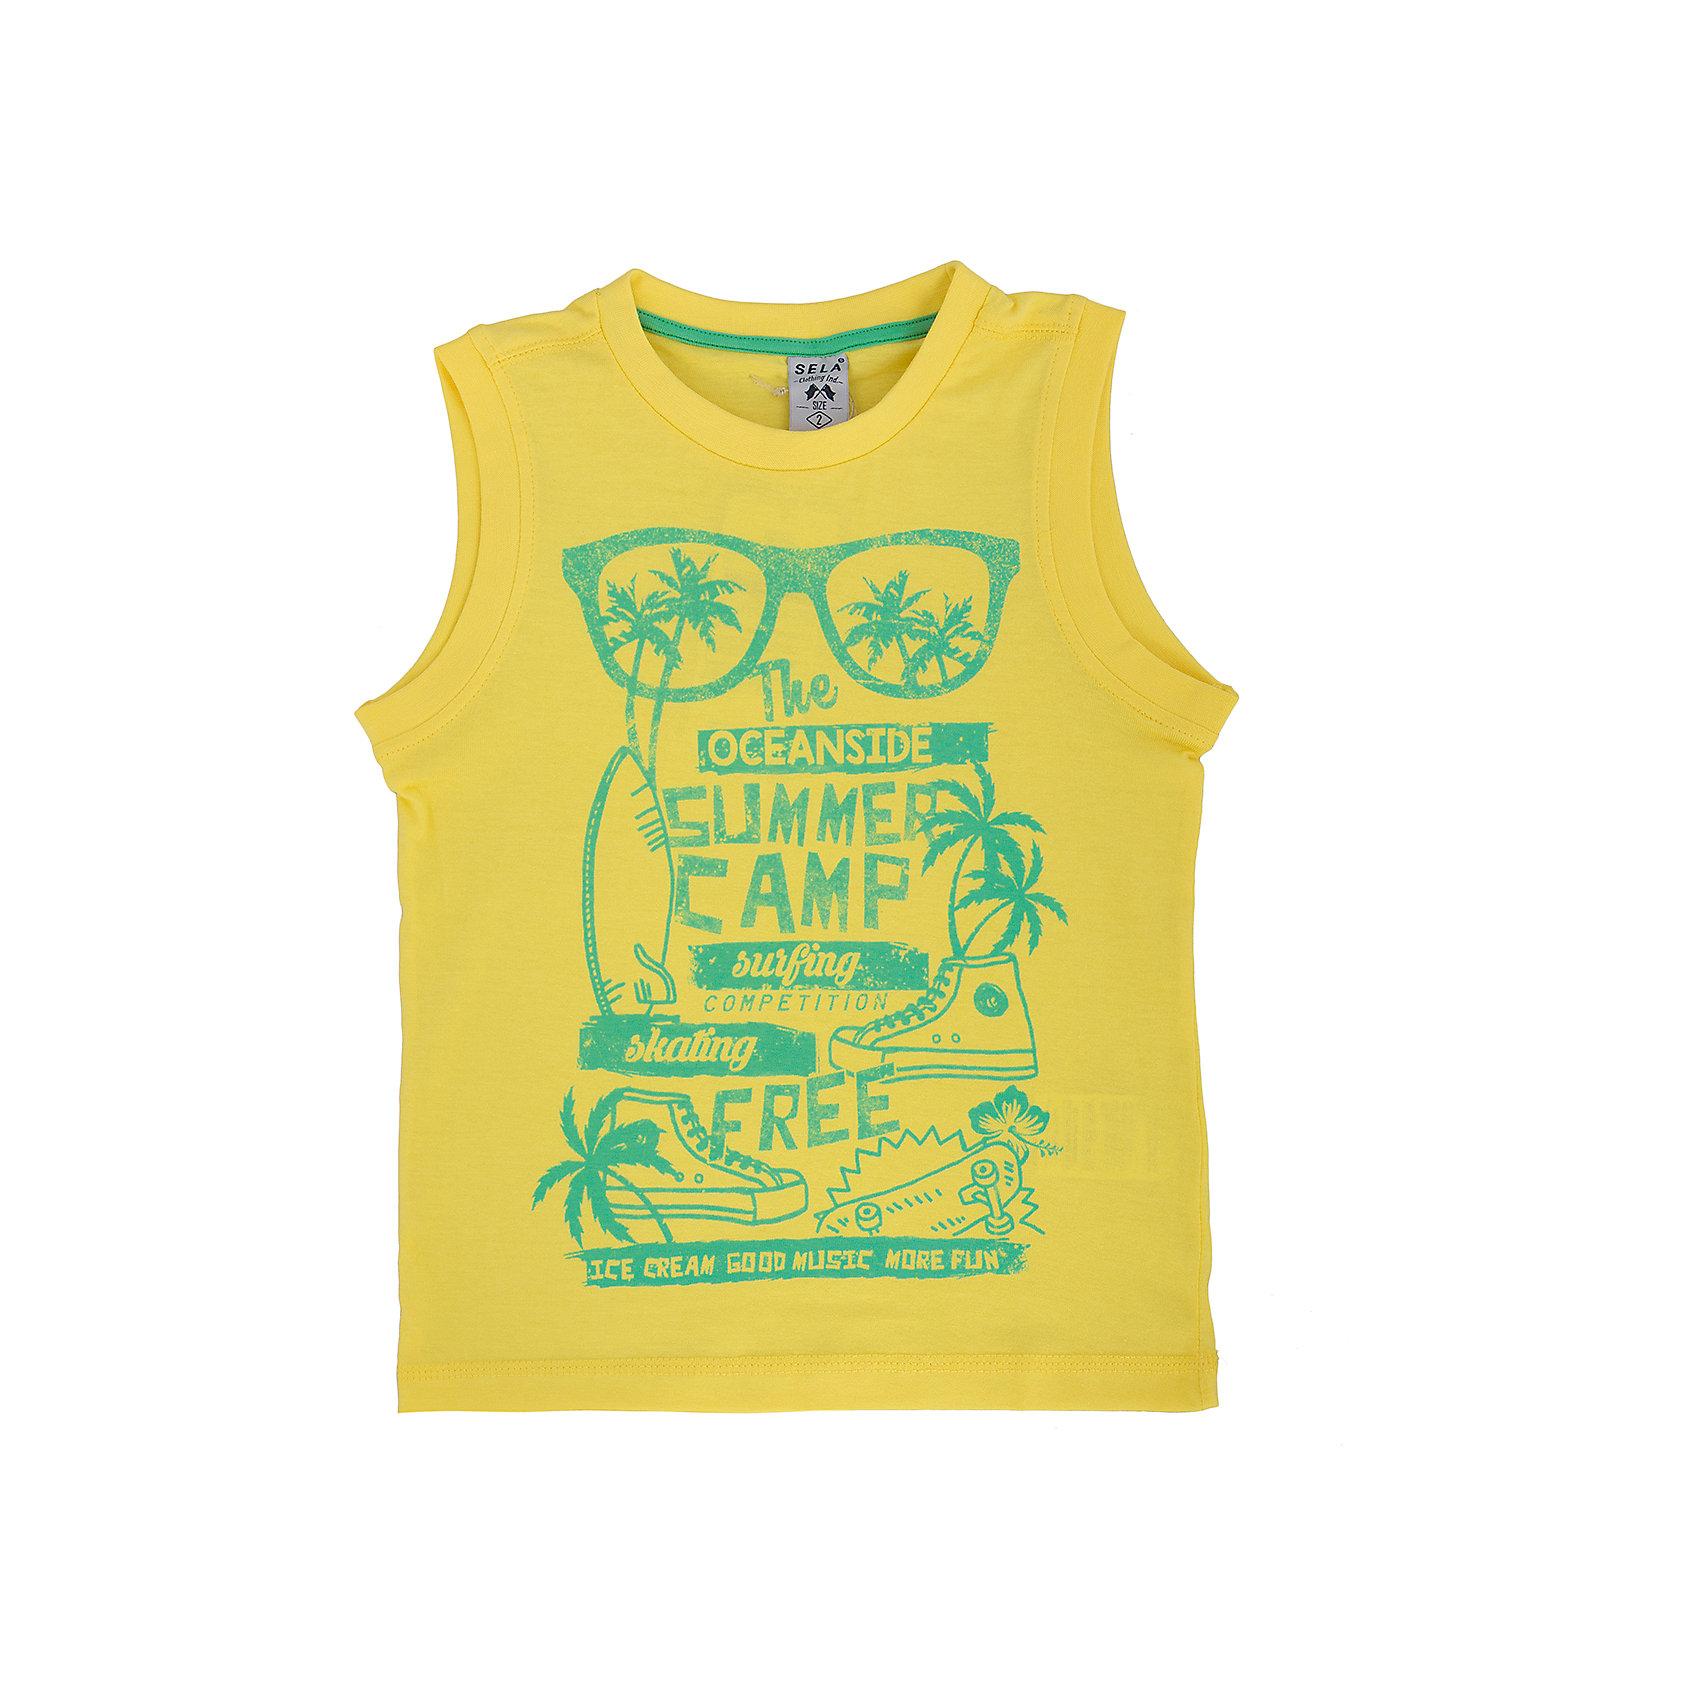 Майка для мальчика SELAМодная майка для мальчика от популярного бренда SELA. Изделие выполнено из натурального гипоаллергенного трикотажа, очень мягкого, дышащего и приятного к телу, и обладает следующими особенностями:<br>- желтый цвет, эффектный принт на груди;<br>- эластичная отделка горловины и проймы;<br>- комфортный крой, гарантирующий свободу движений.<br>Великолепный выбор для активного лета!<br><br>Дополнительная информация:<br>- состав: 100% хлопок<br>- цвет: желтый + принт<br><br>Майку для мальчика SELA (СЕЛА) можно купить в нашем магазине<br><br>Ширина мм: 196<br>Глубина мм: 10<br>Высота мм: 154<br>Вес г: 152<br>Цвет: желтый<br>Возраст от месяцев: 36<br>Возраст до месяцев: 48<br>Пол: Мужской<br>Возраст: Детский<br>Размер: 104,116,92,98,110<br>SKU: 4741439